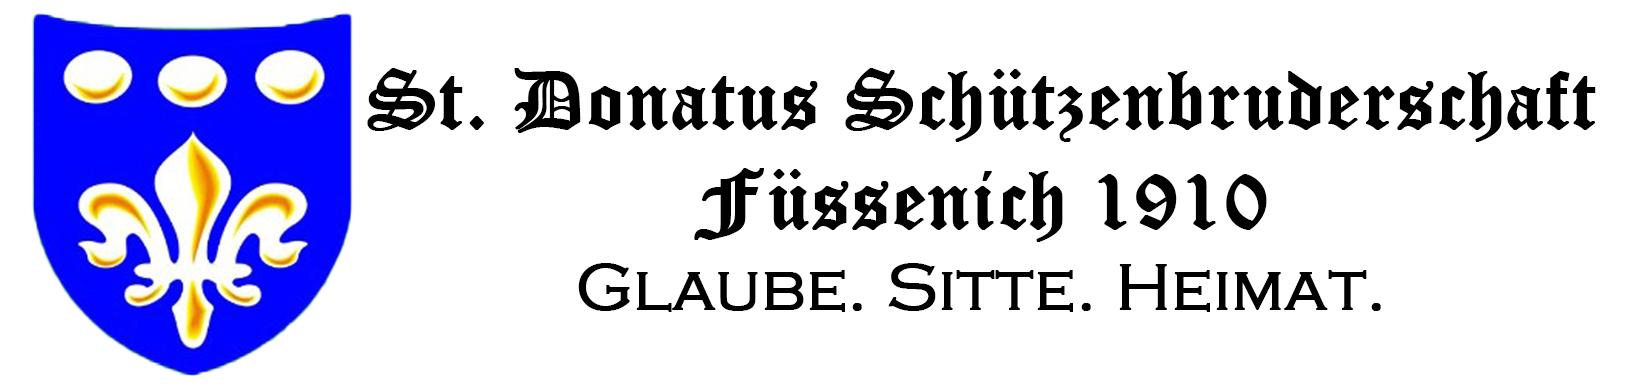 St. Donatus Schützenbruderschaft Füssenich 1910